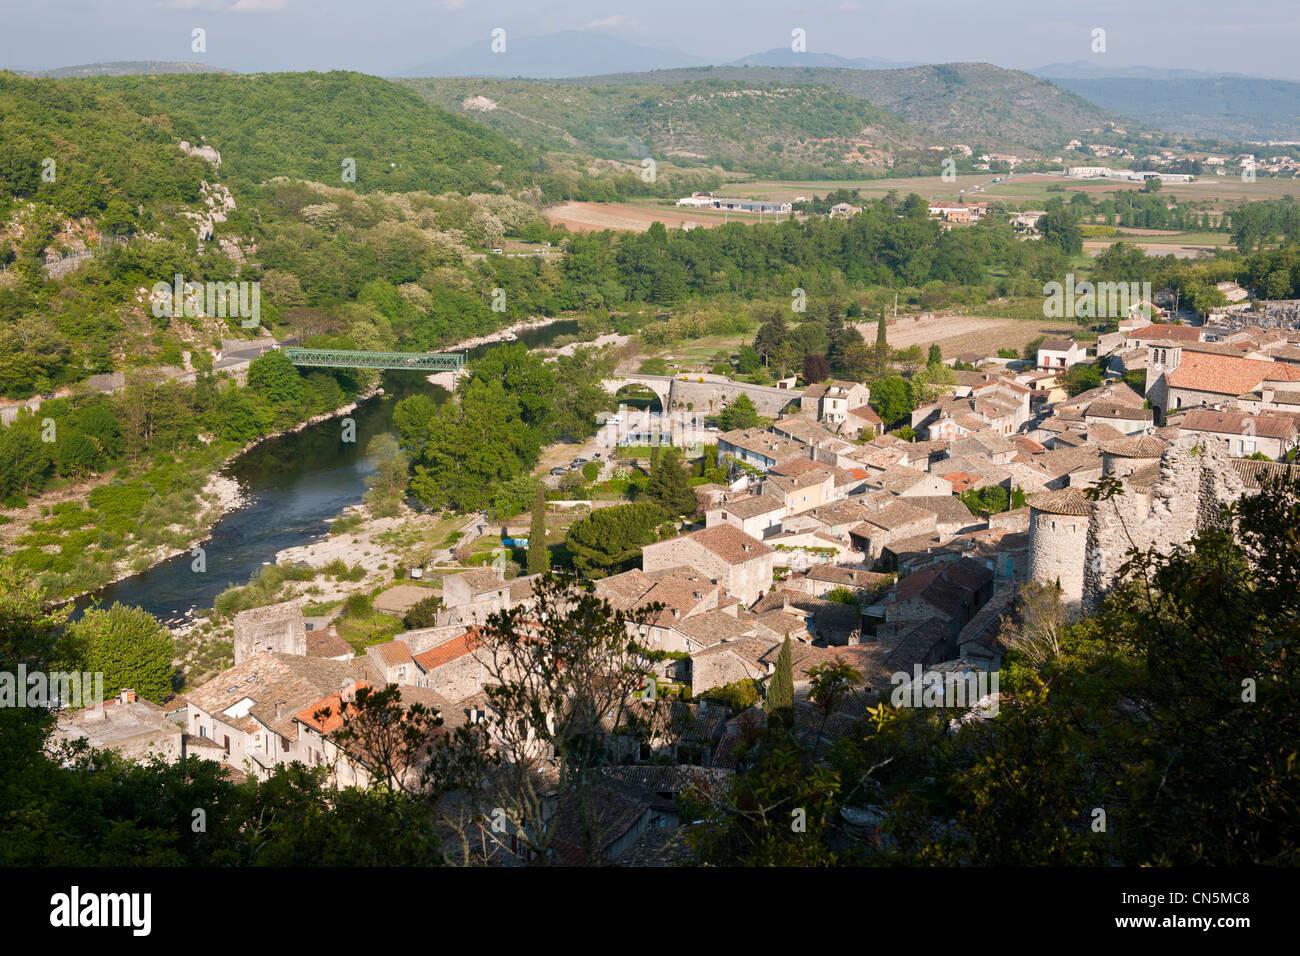 France, Ardeche, the Medieval Vogue, labelled Les Plus Beaux Villages de France (The Most Beautiful Villages of - Stock Image